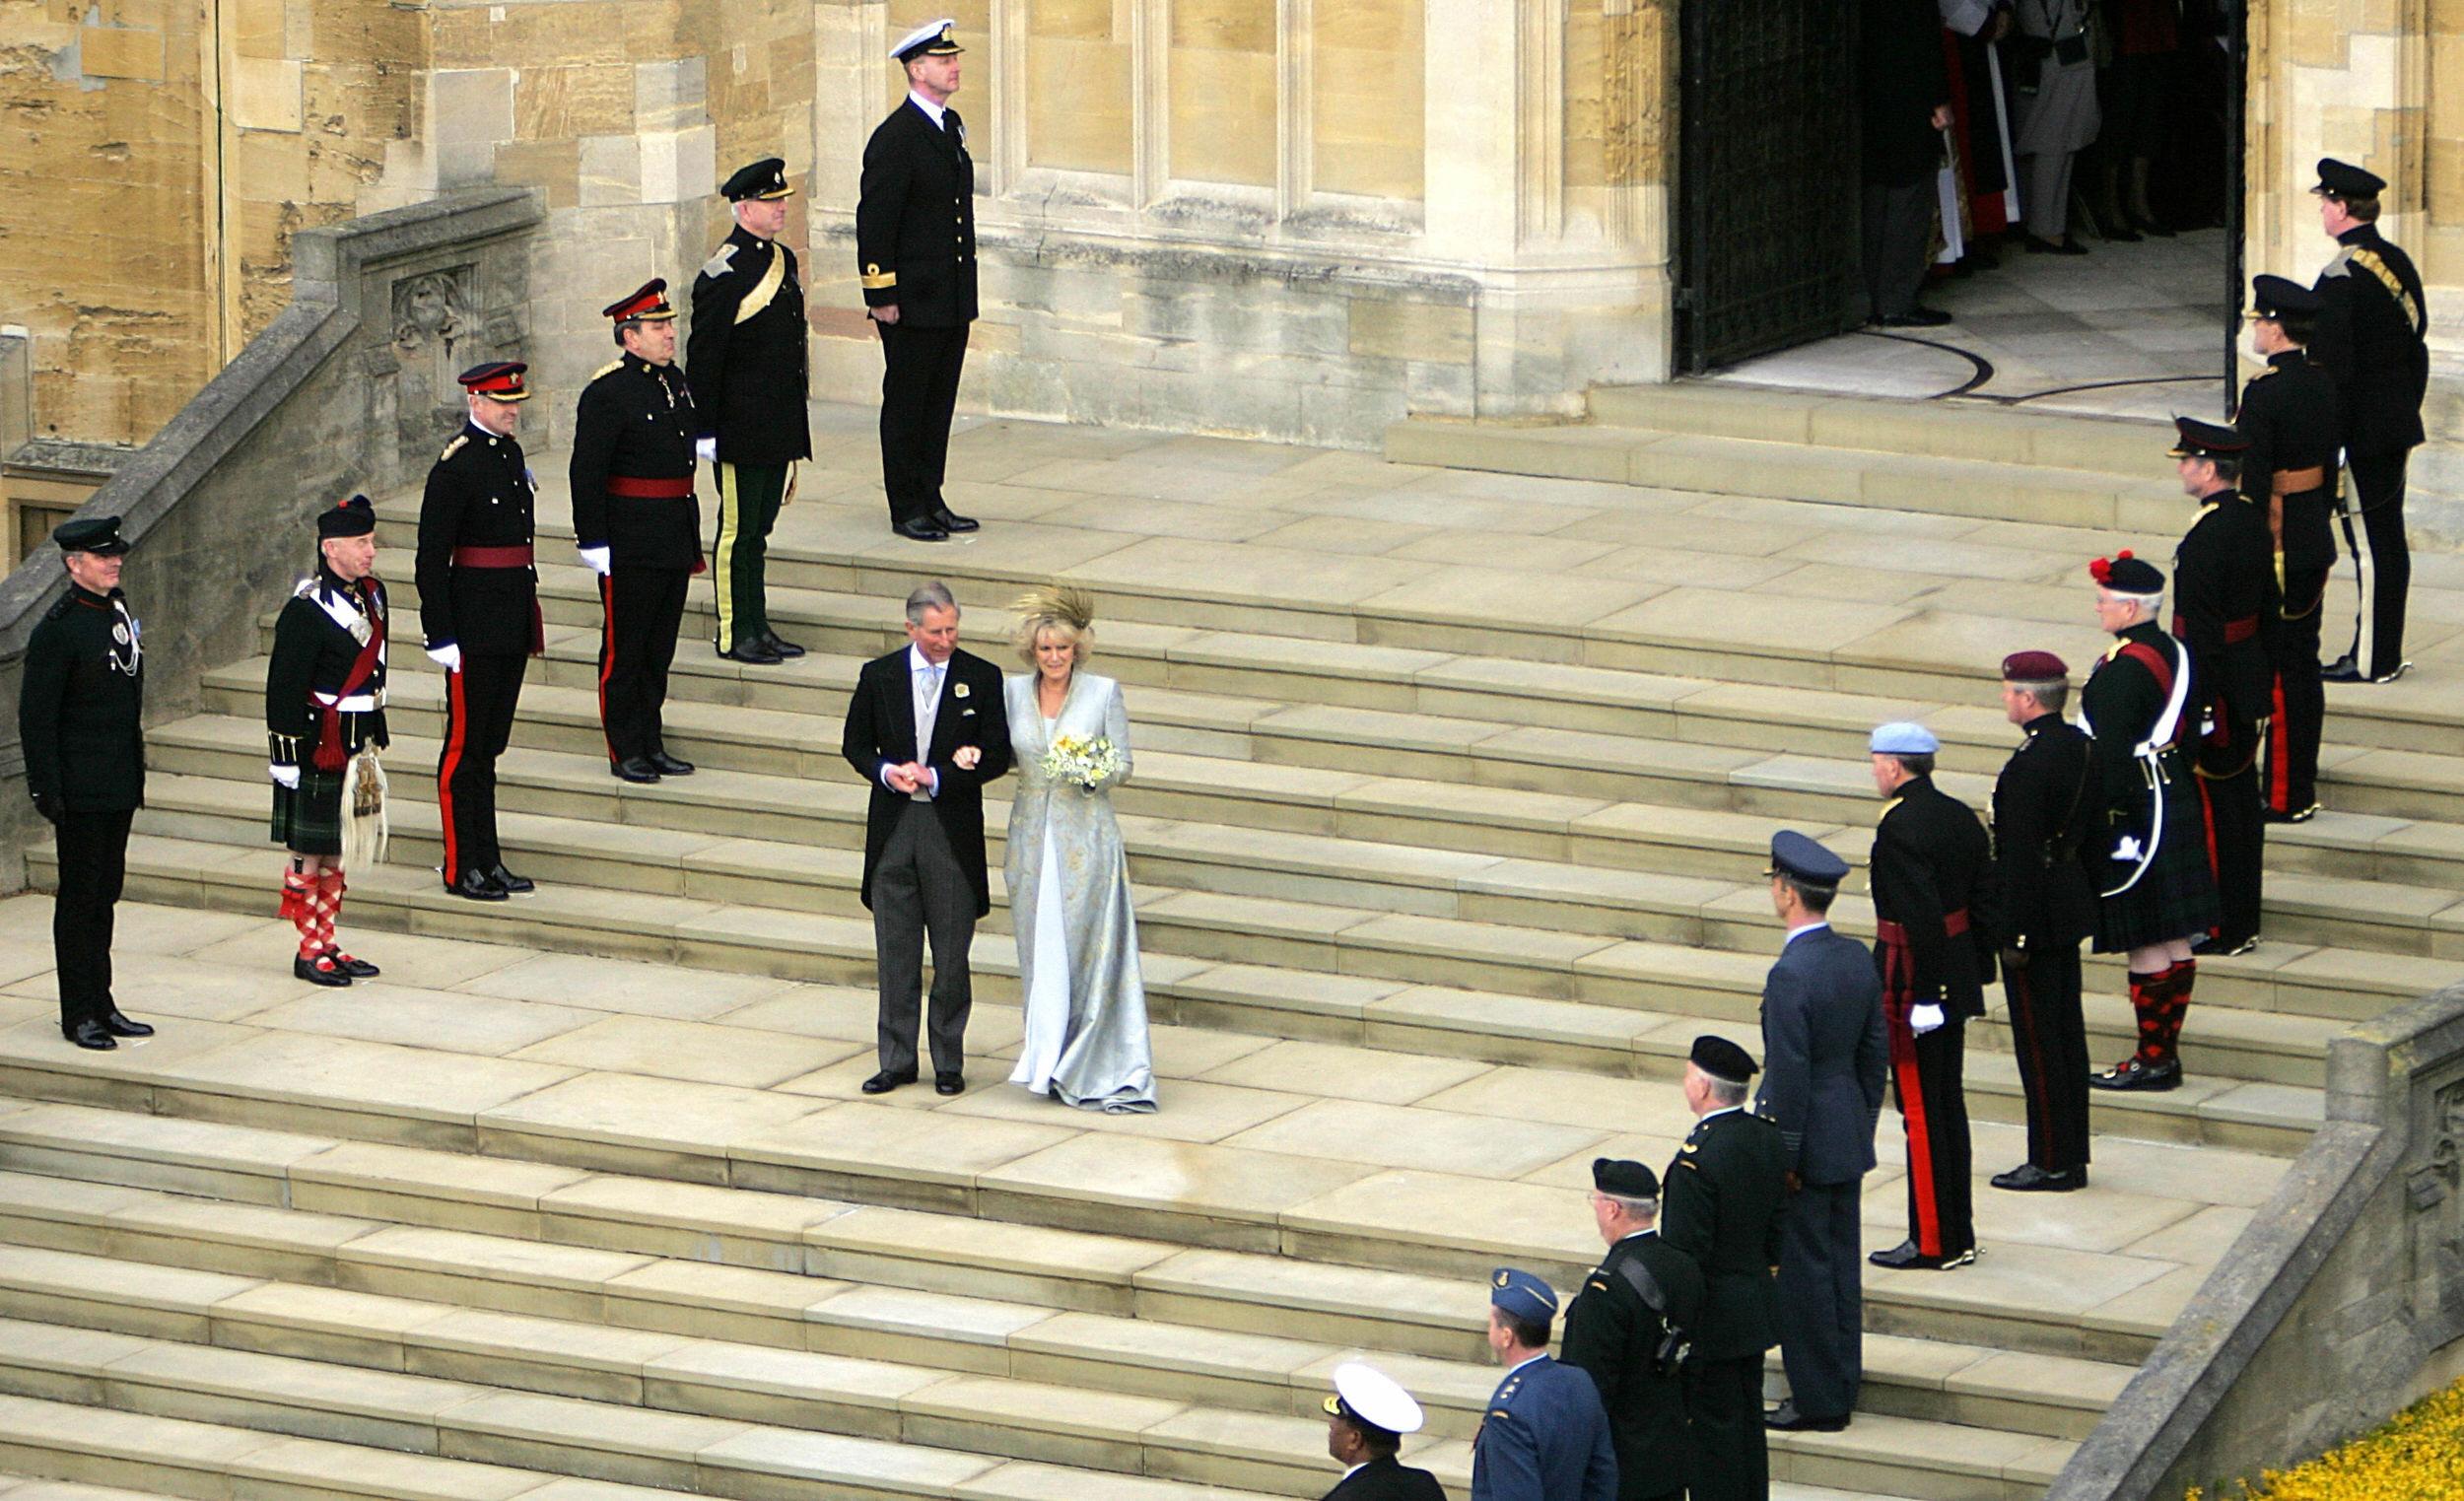 Boda del príncipe Charles y Camilla Parker Bowles